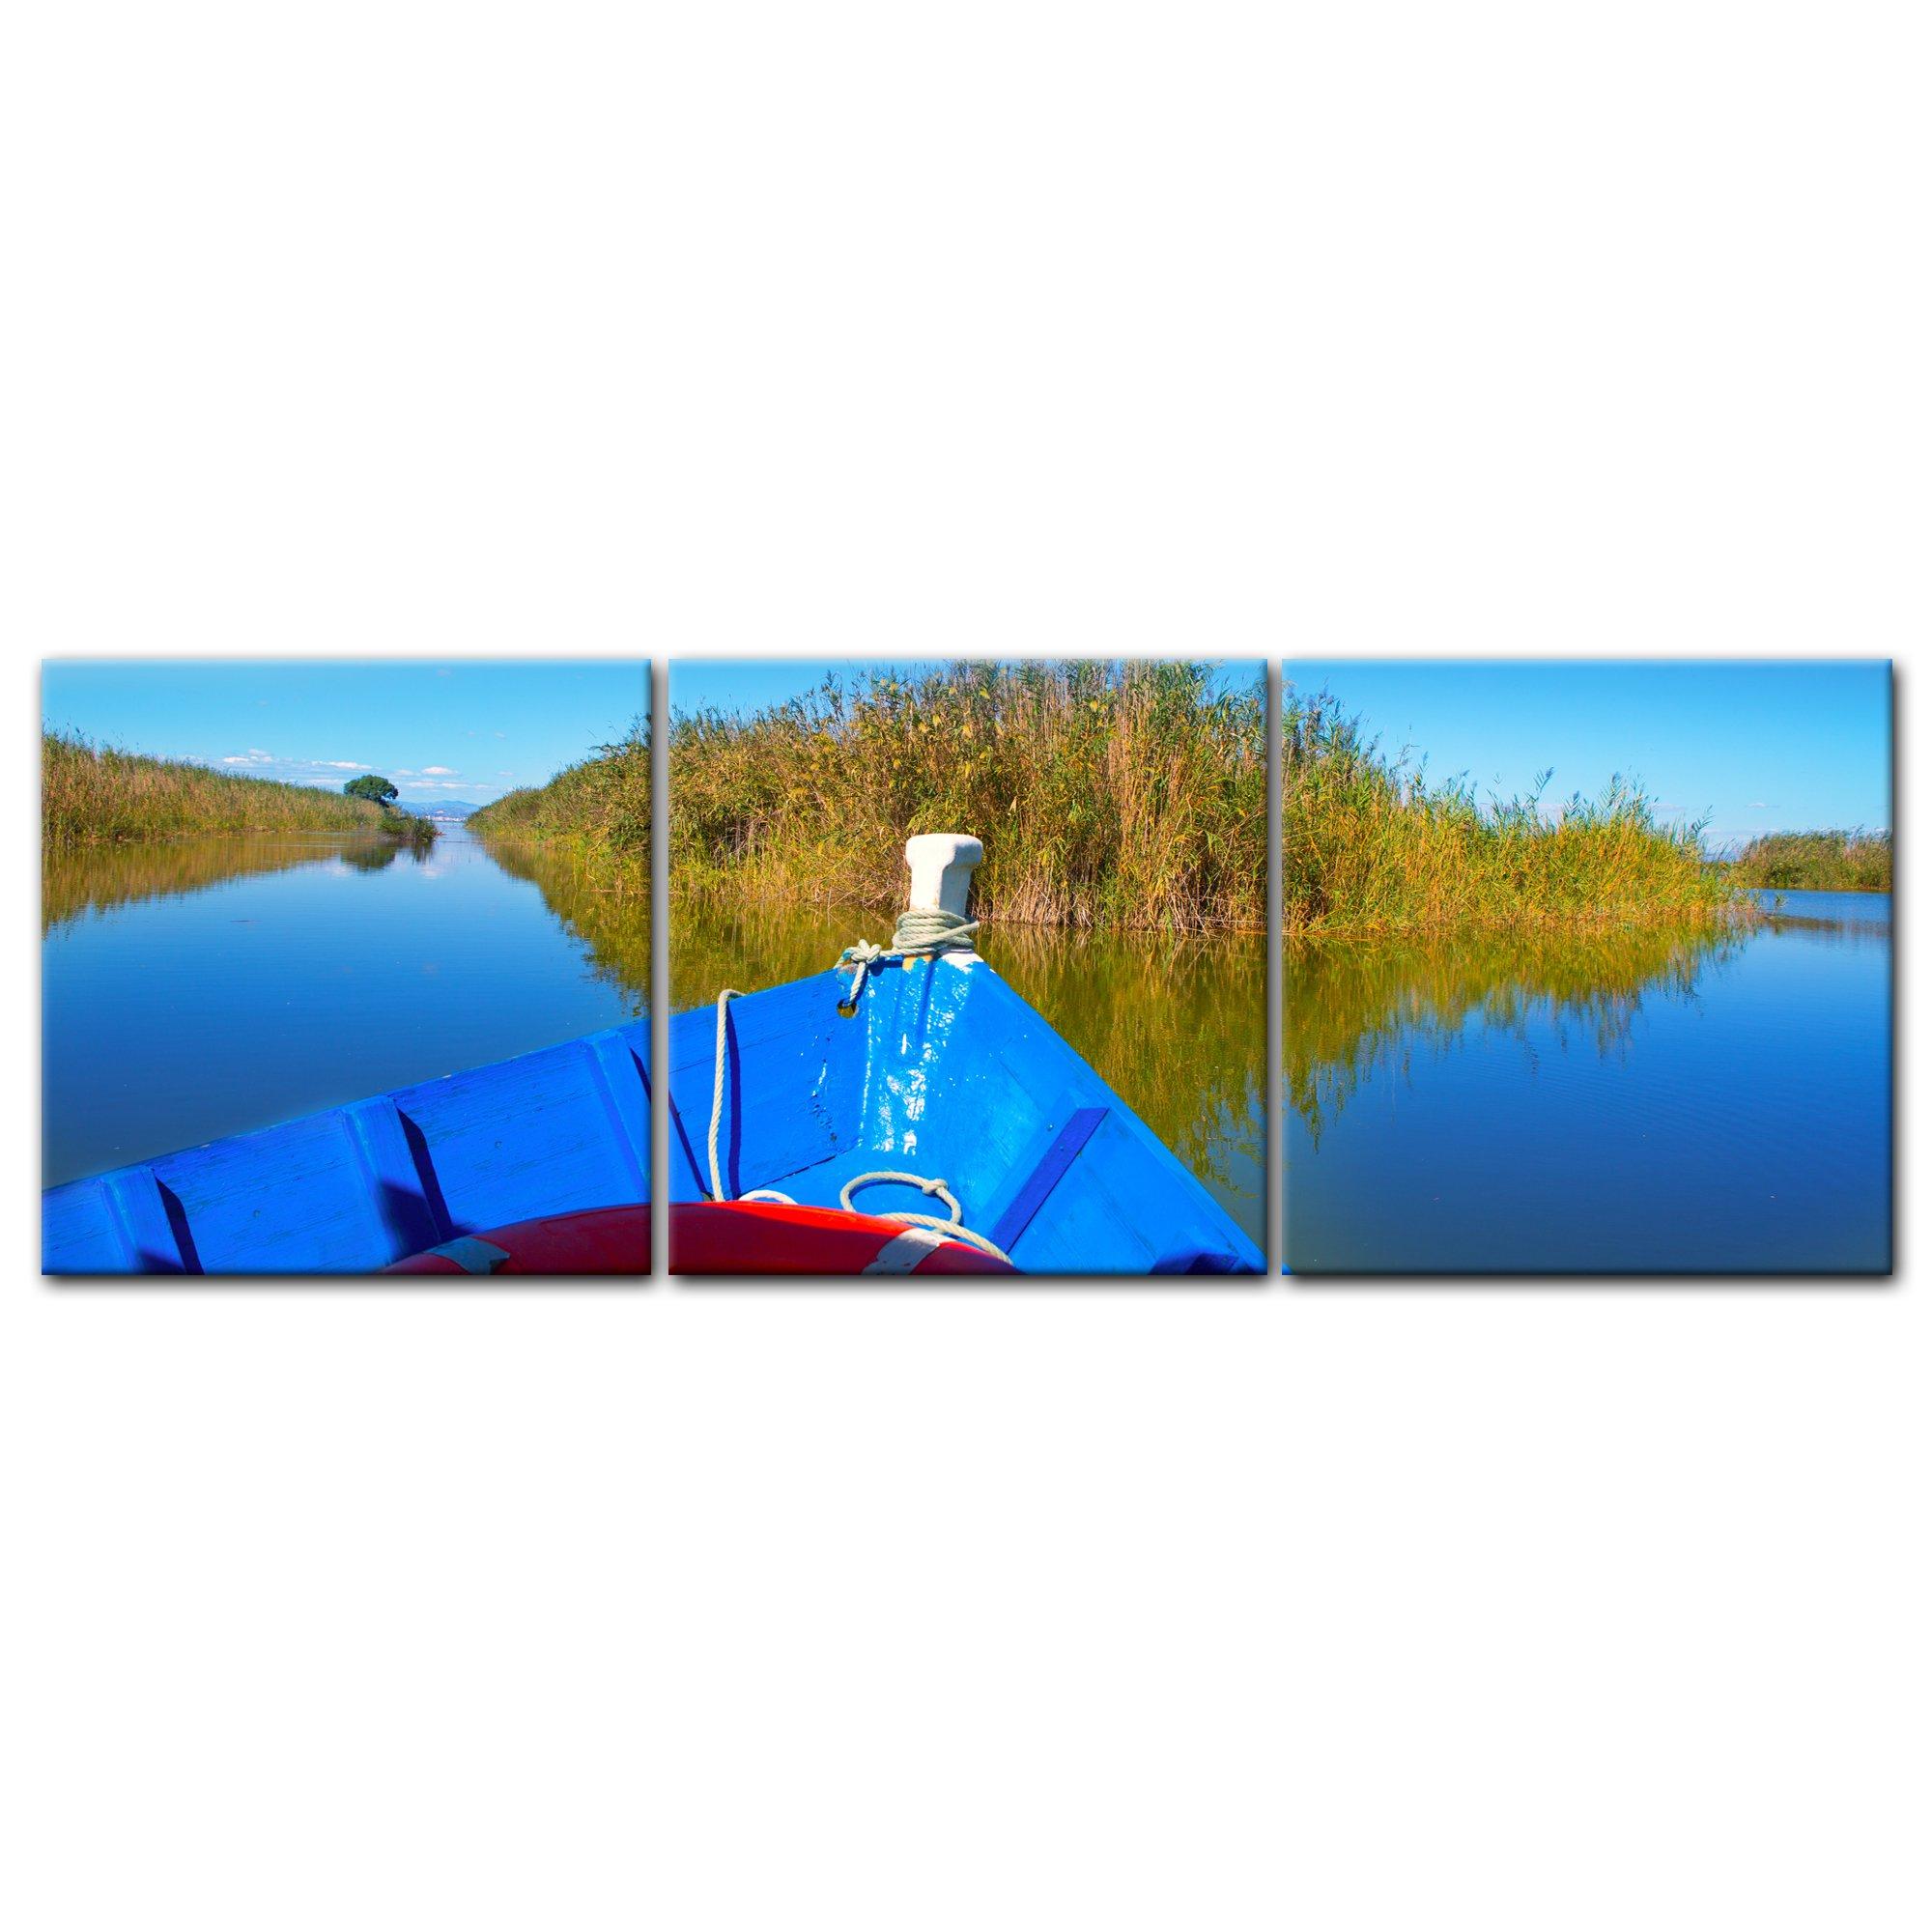 Bilderdepot24 Cuadros en Lienzo Panorama Barco Azul en la Albufera - Valencia España 180x60 cm 3 Piezas - Enmarcado Listo Bastidor Imagen. Directamente Desde el Fabricante: Amazon.es: Hogar